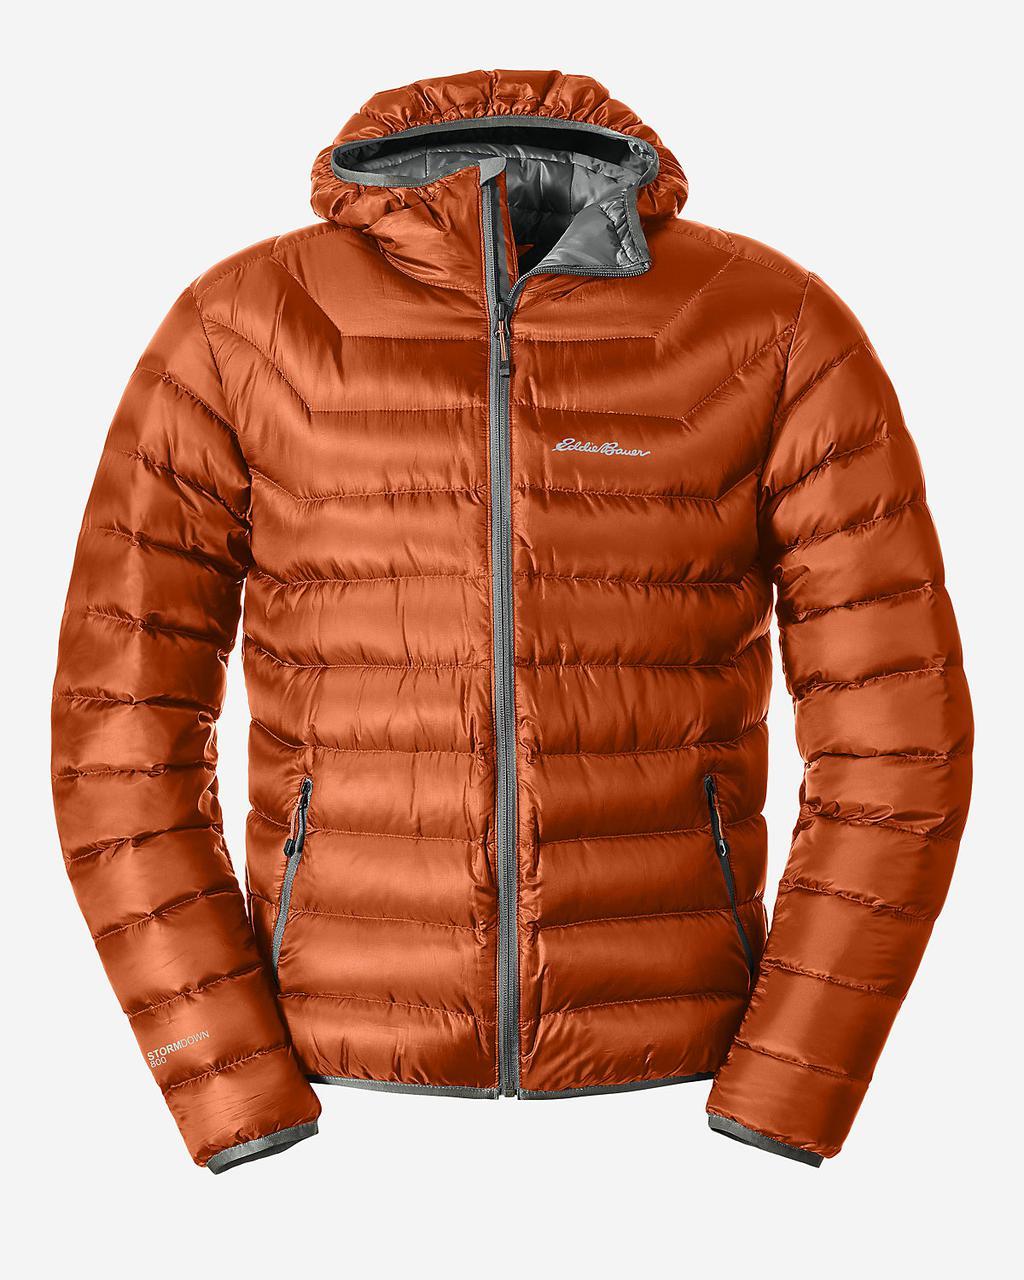 Куртка Eddie Bauer Mens Downlight StormDown Hooded LONG Orange